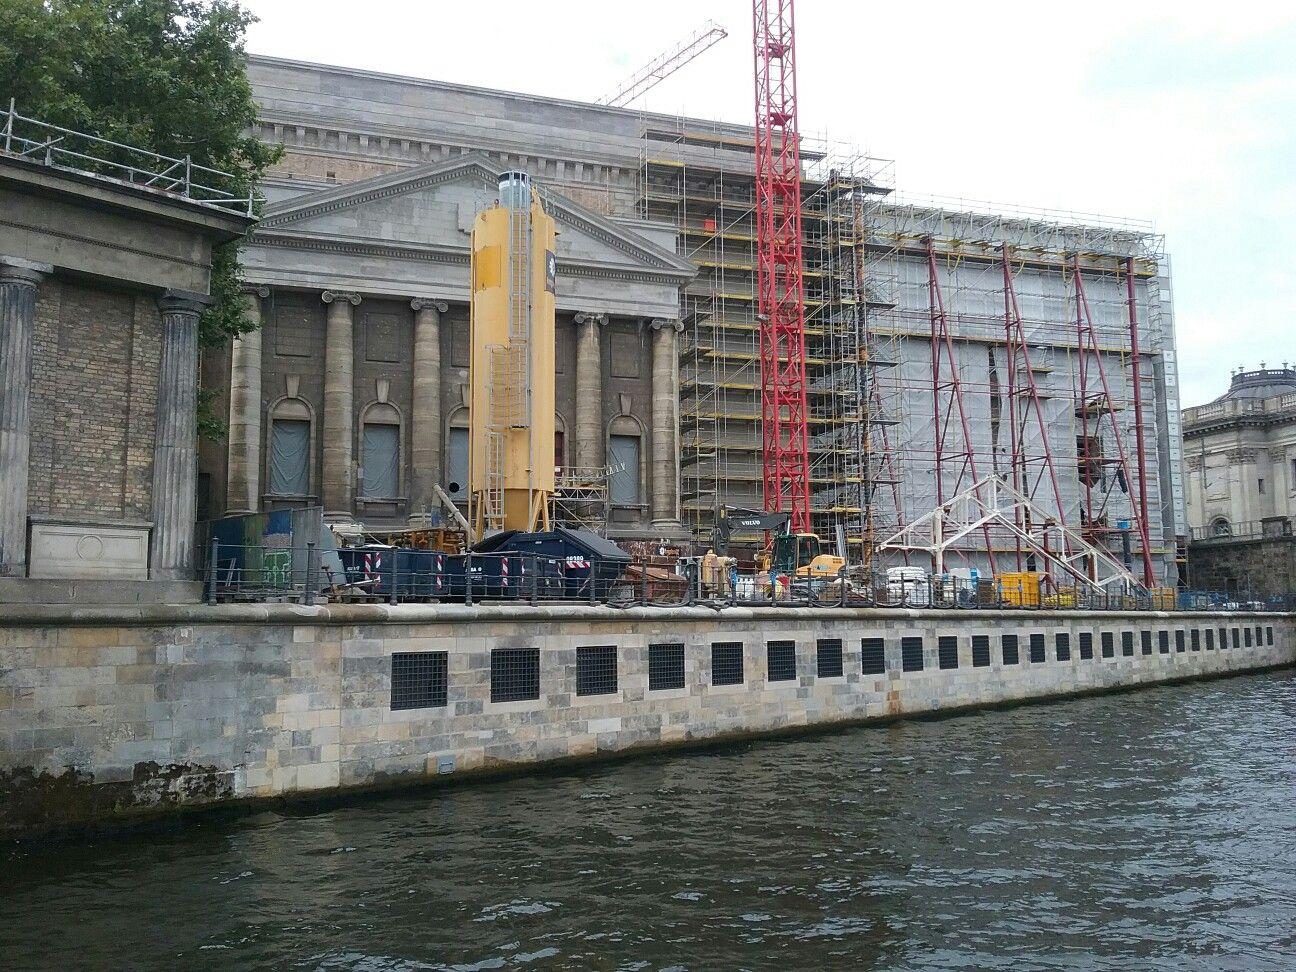 Das Pergamonmuseum Von Der Wasserleitung Aus Gesehen Berlin Wasserleitung